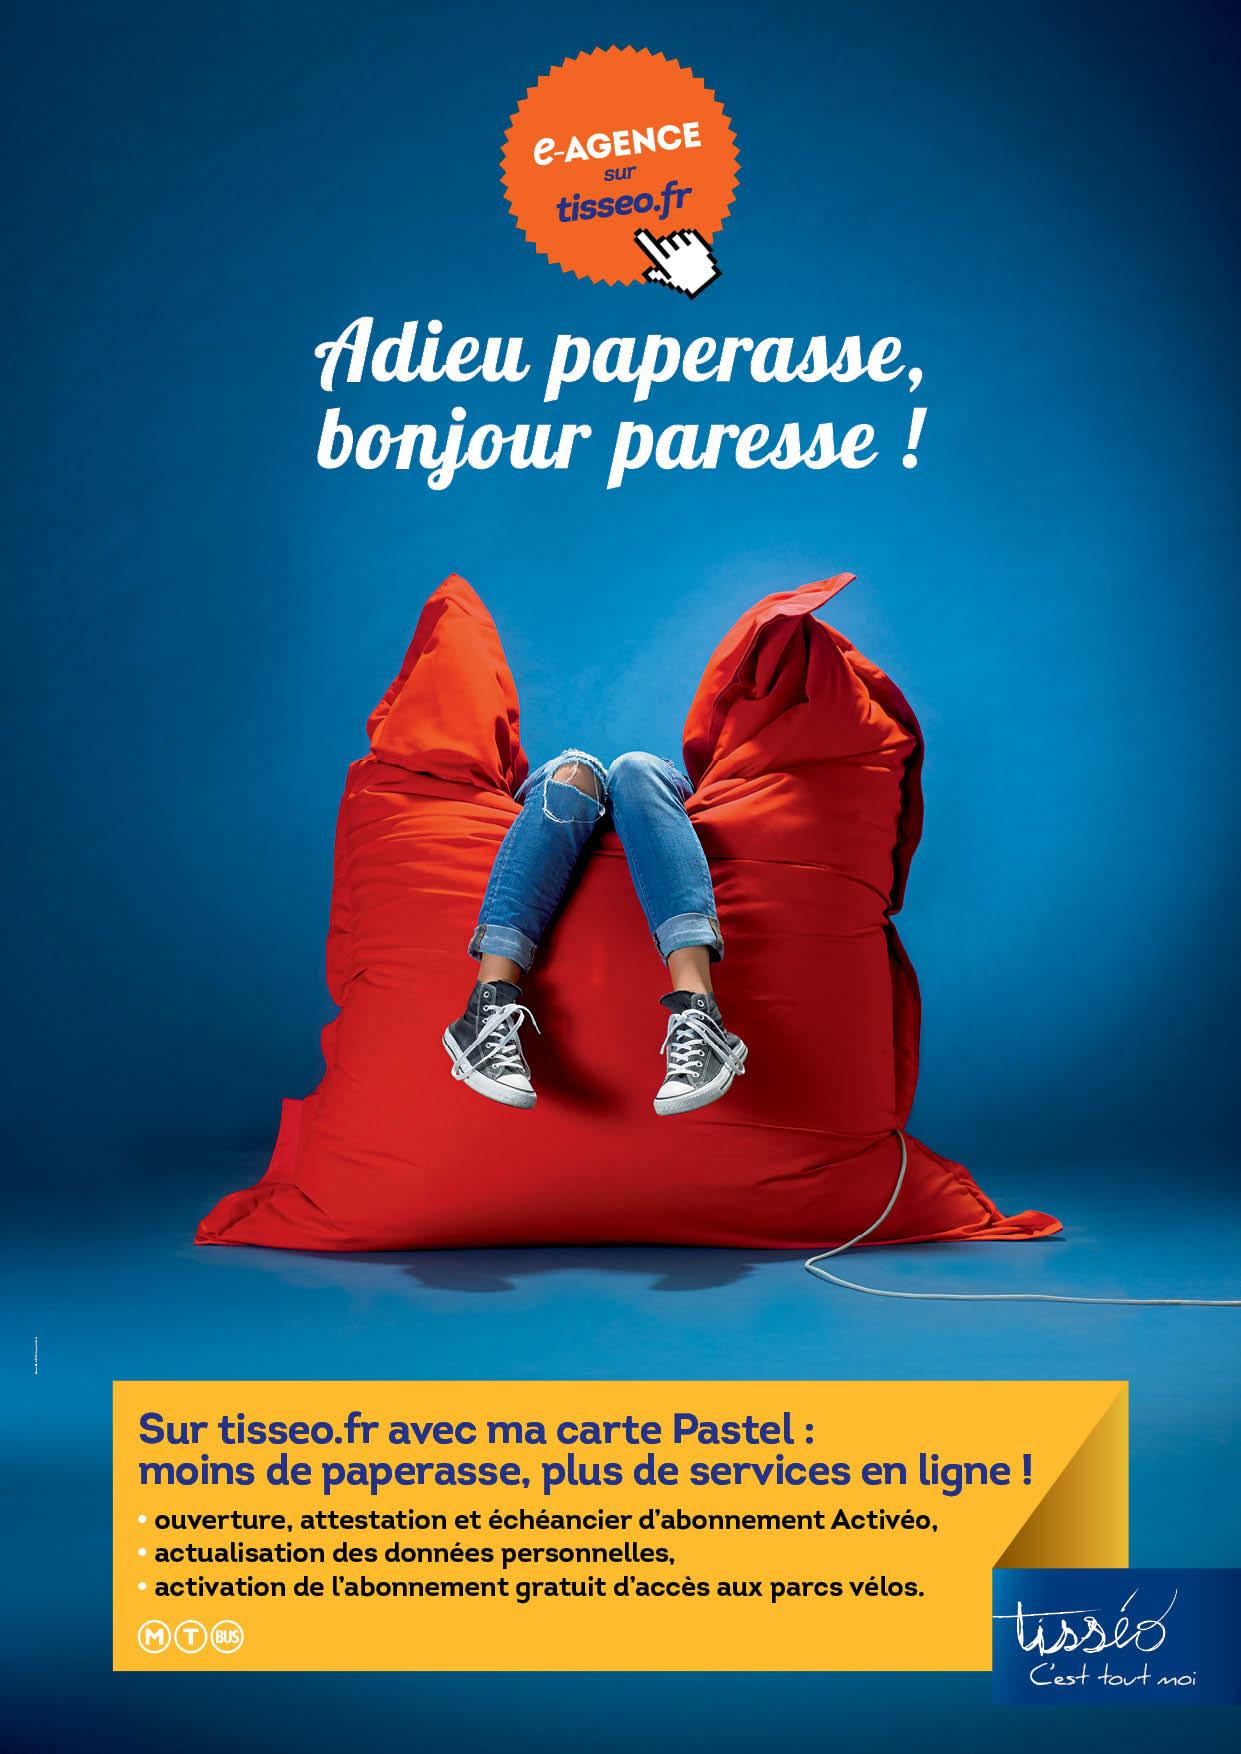 recharger carte tisseo en ligne e Agence Tisséo : Moins de paperasse, + de services en ligne | Tisséo